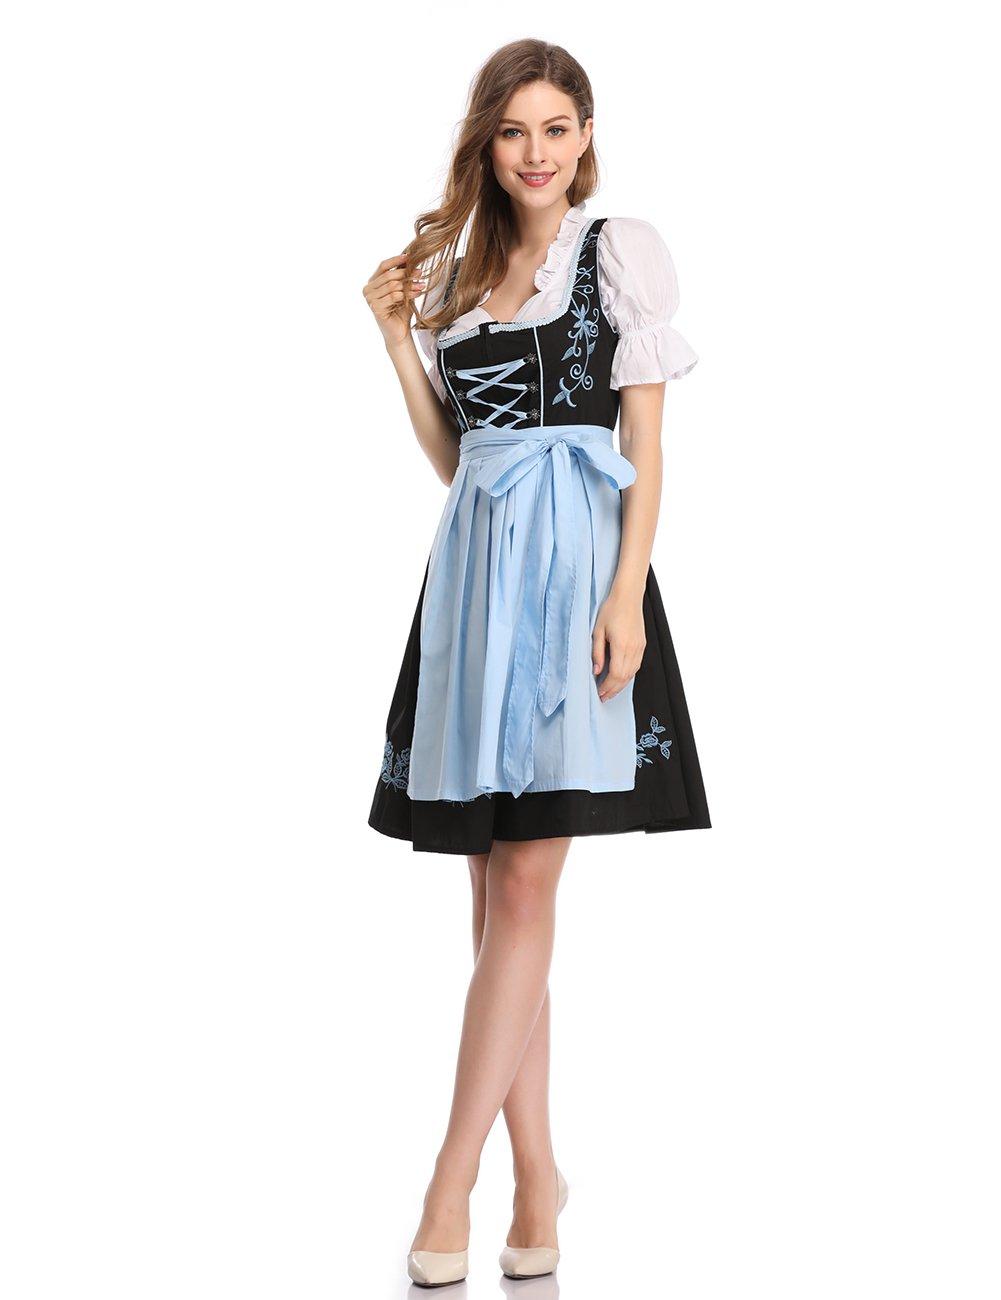 GloryStar Women's German Dirndl Dress 3 Pieces Oktoberfest Costumes (L, Black-Blue-Two)